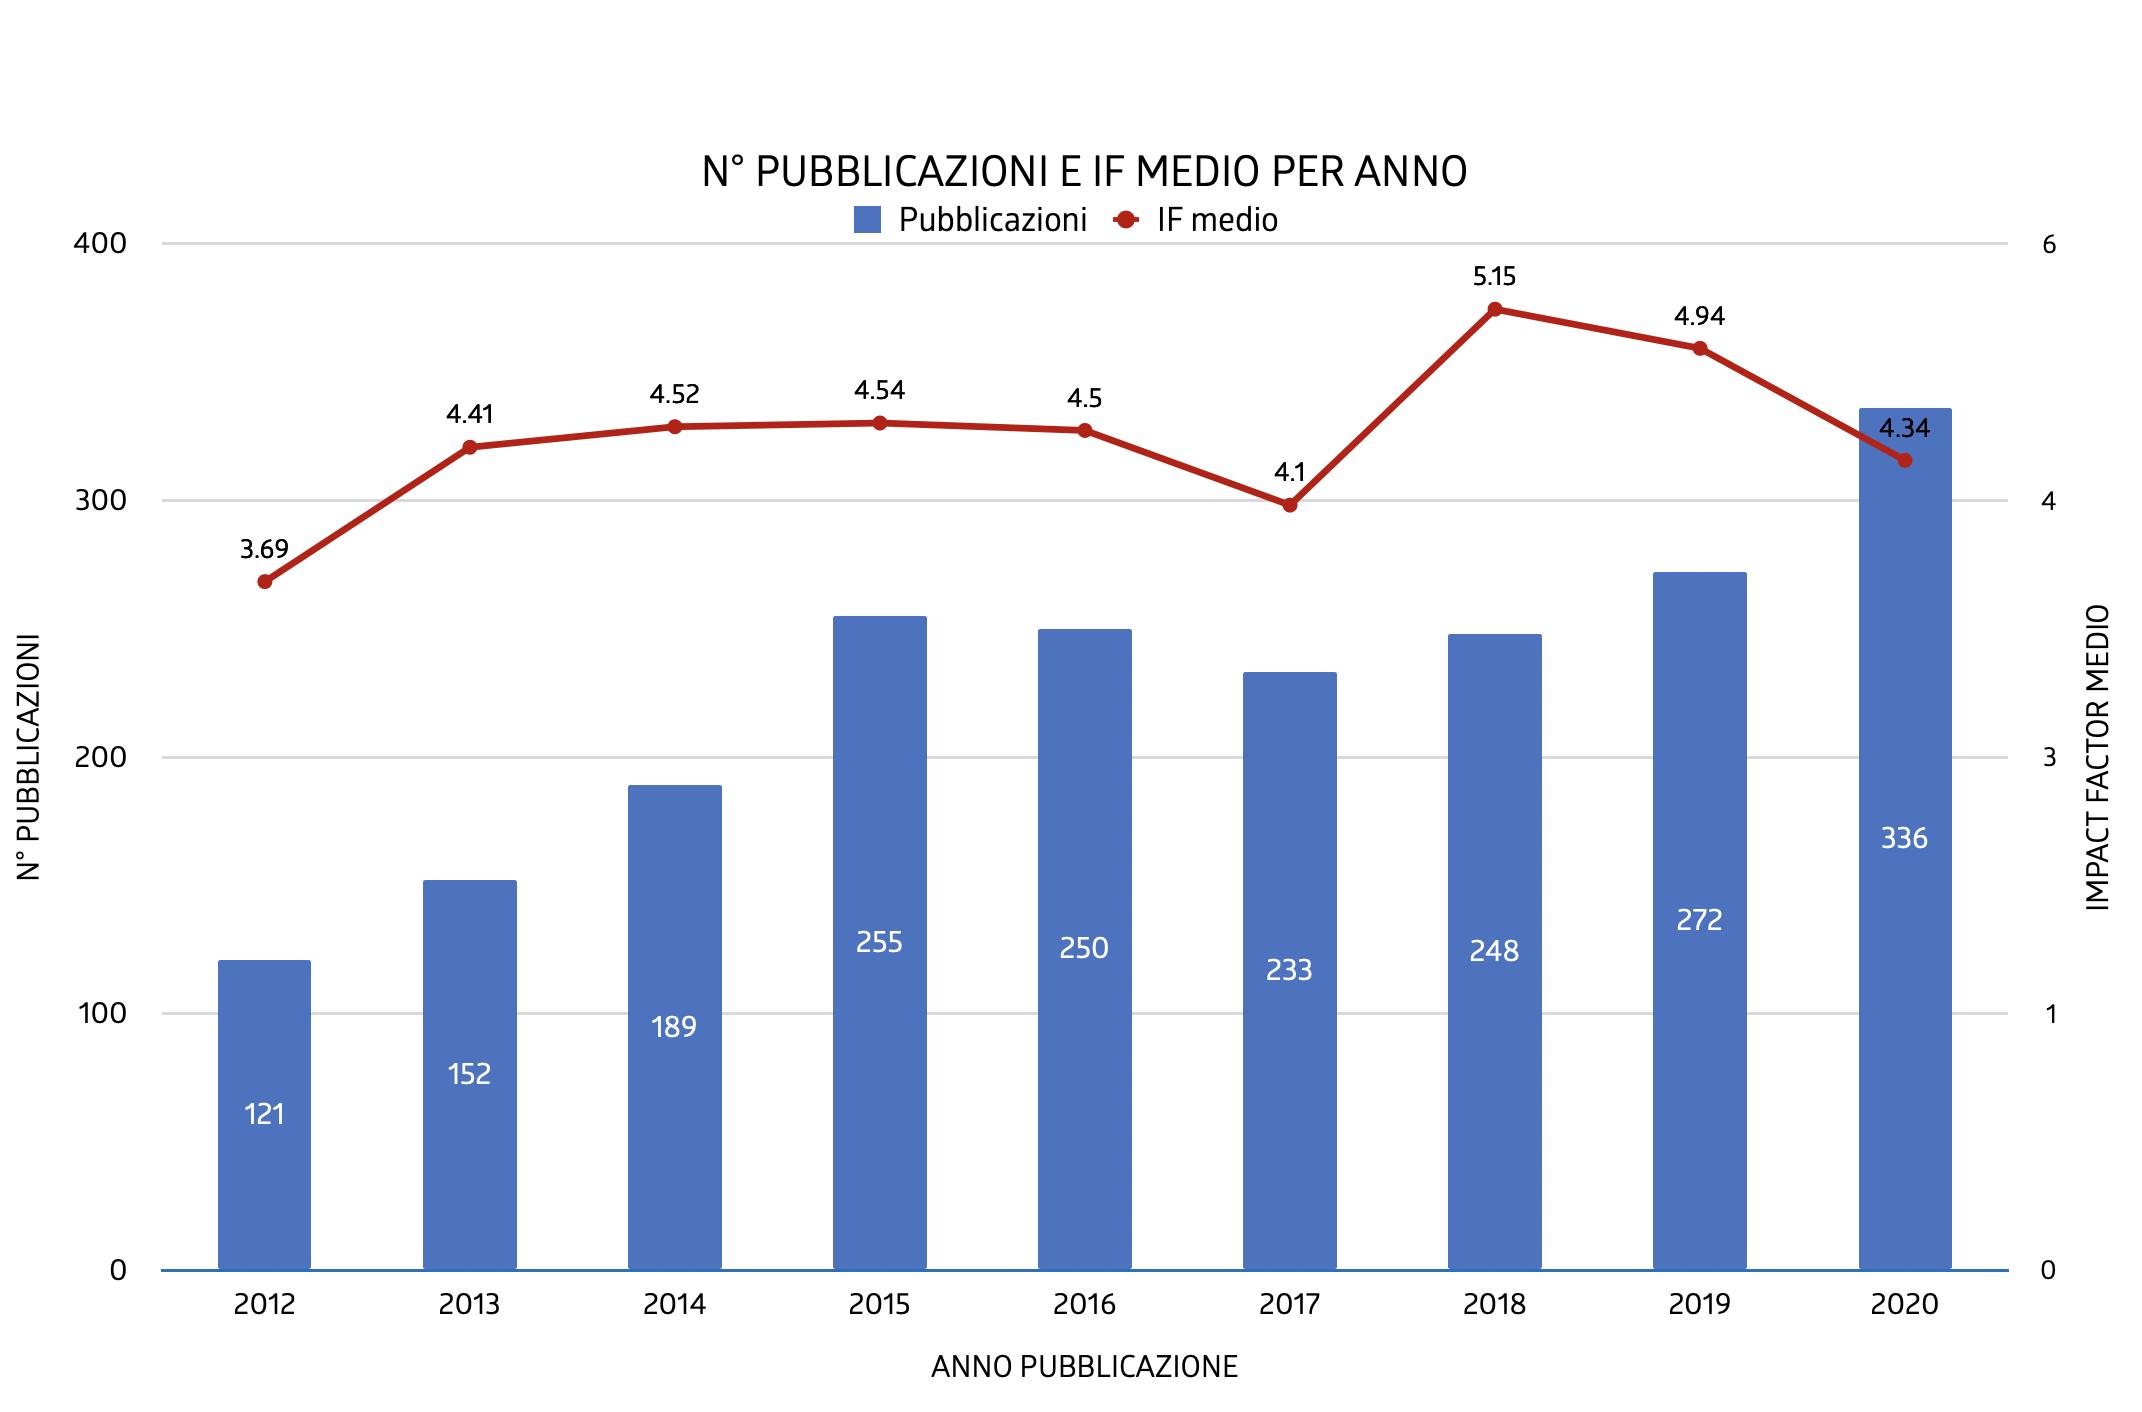 N° PUBBLICAZIONI E IF MEDIO PER ANNO - Fondazione Monasterio